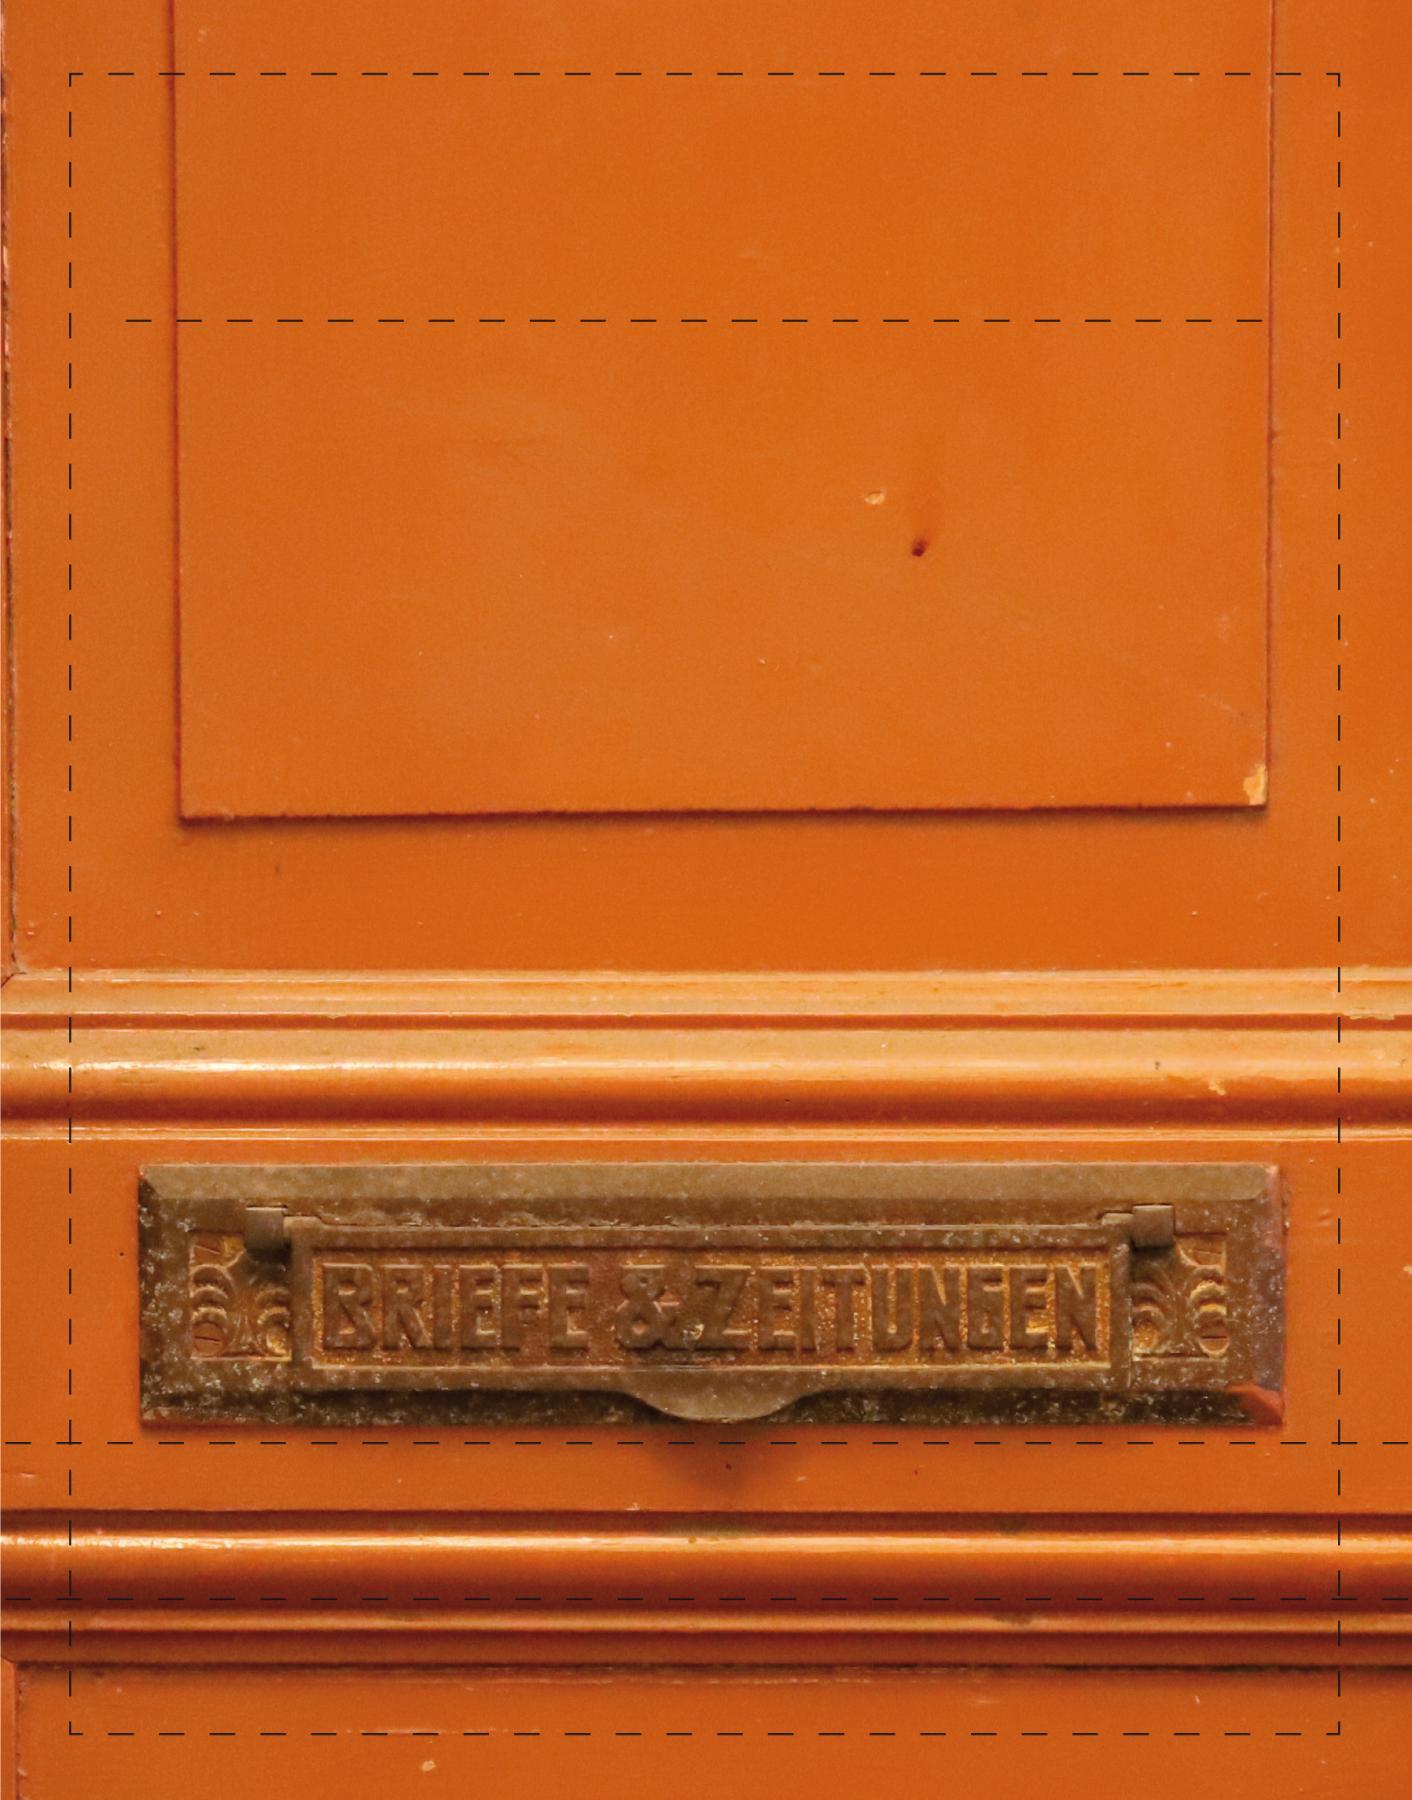 Briefe&Zeitungen (klein)